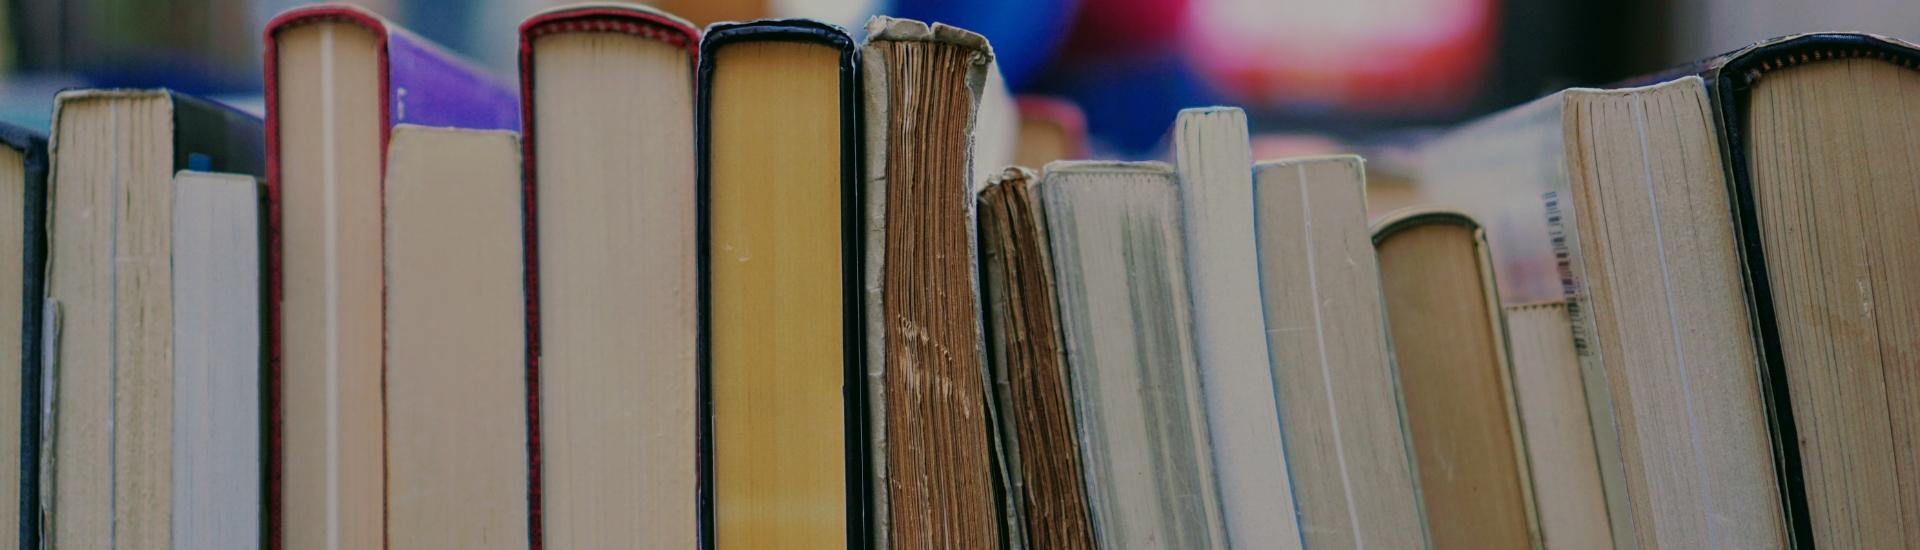 libri usati libraccio